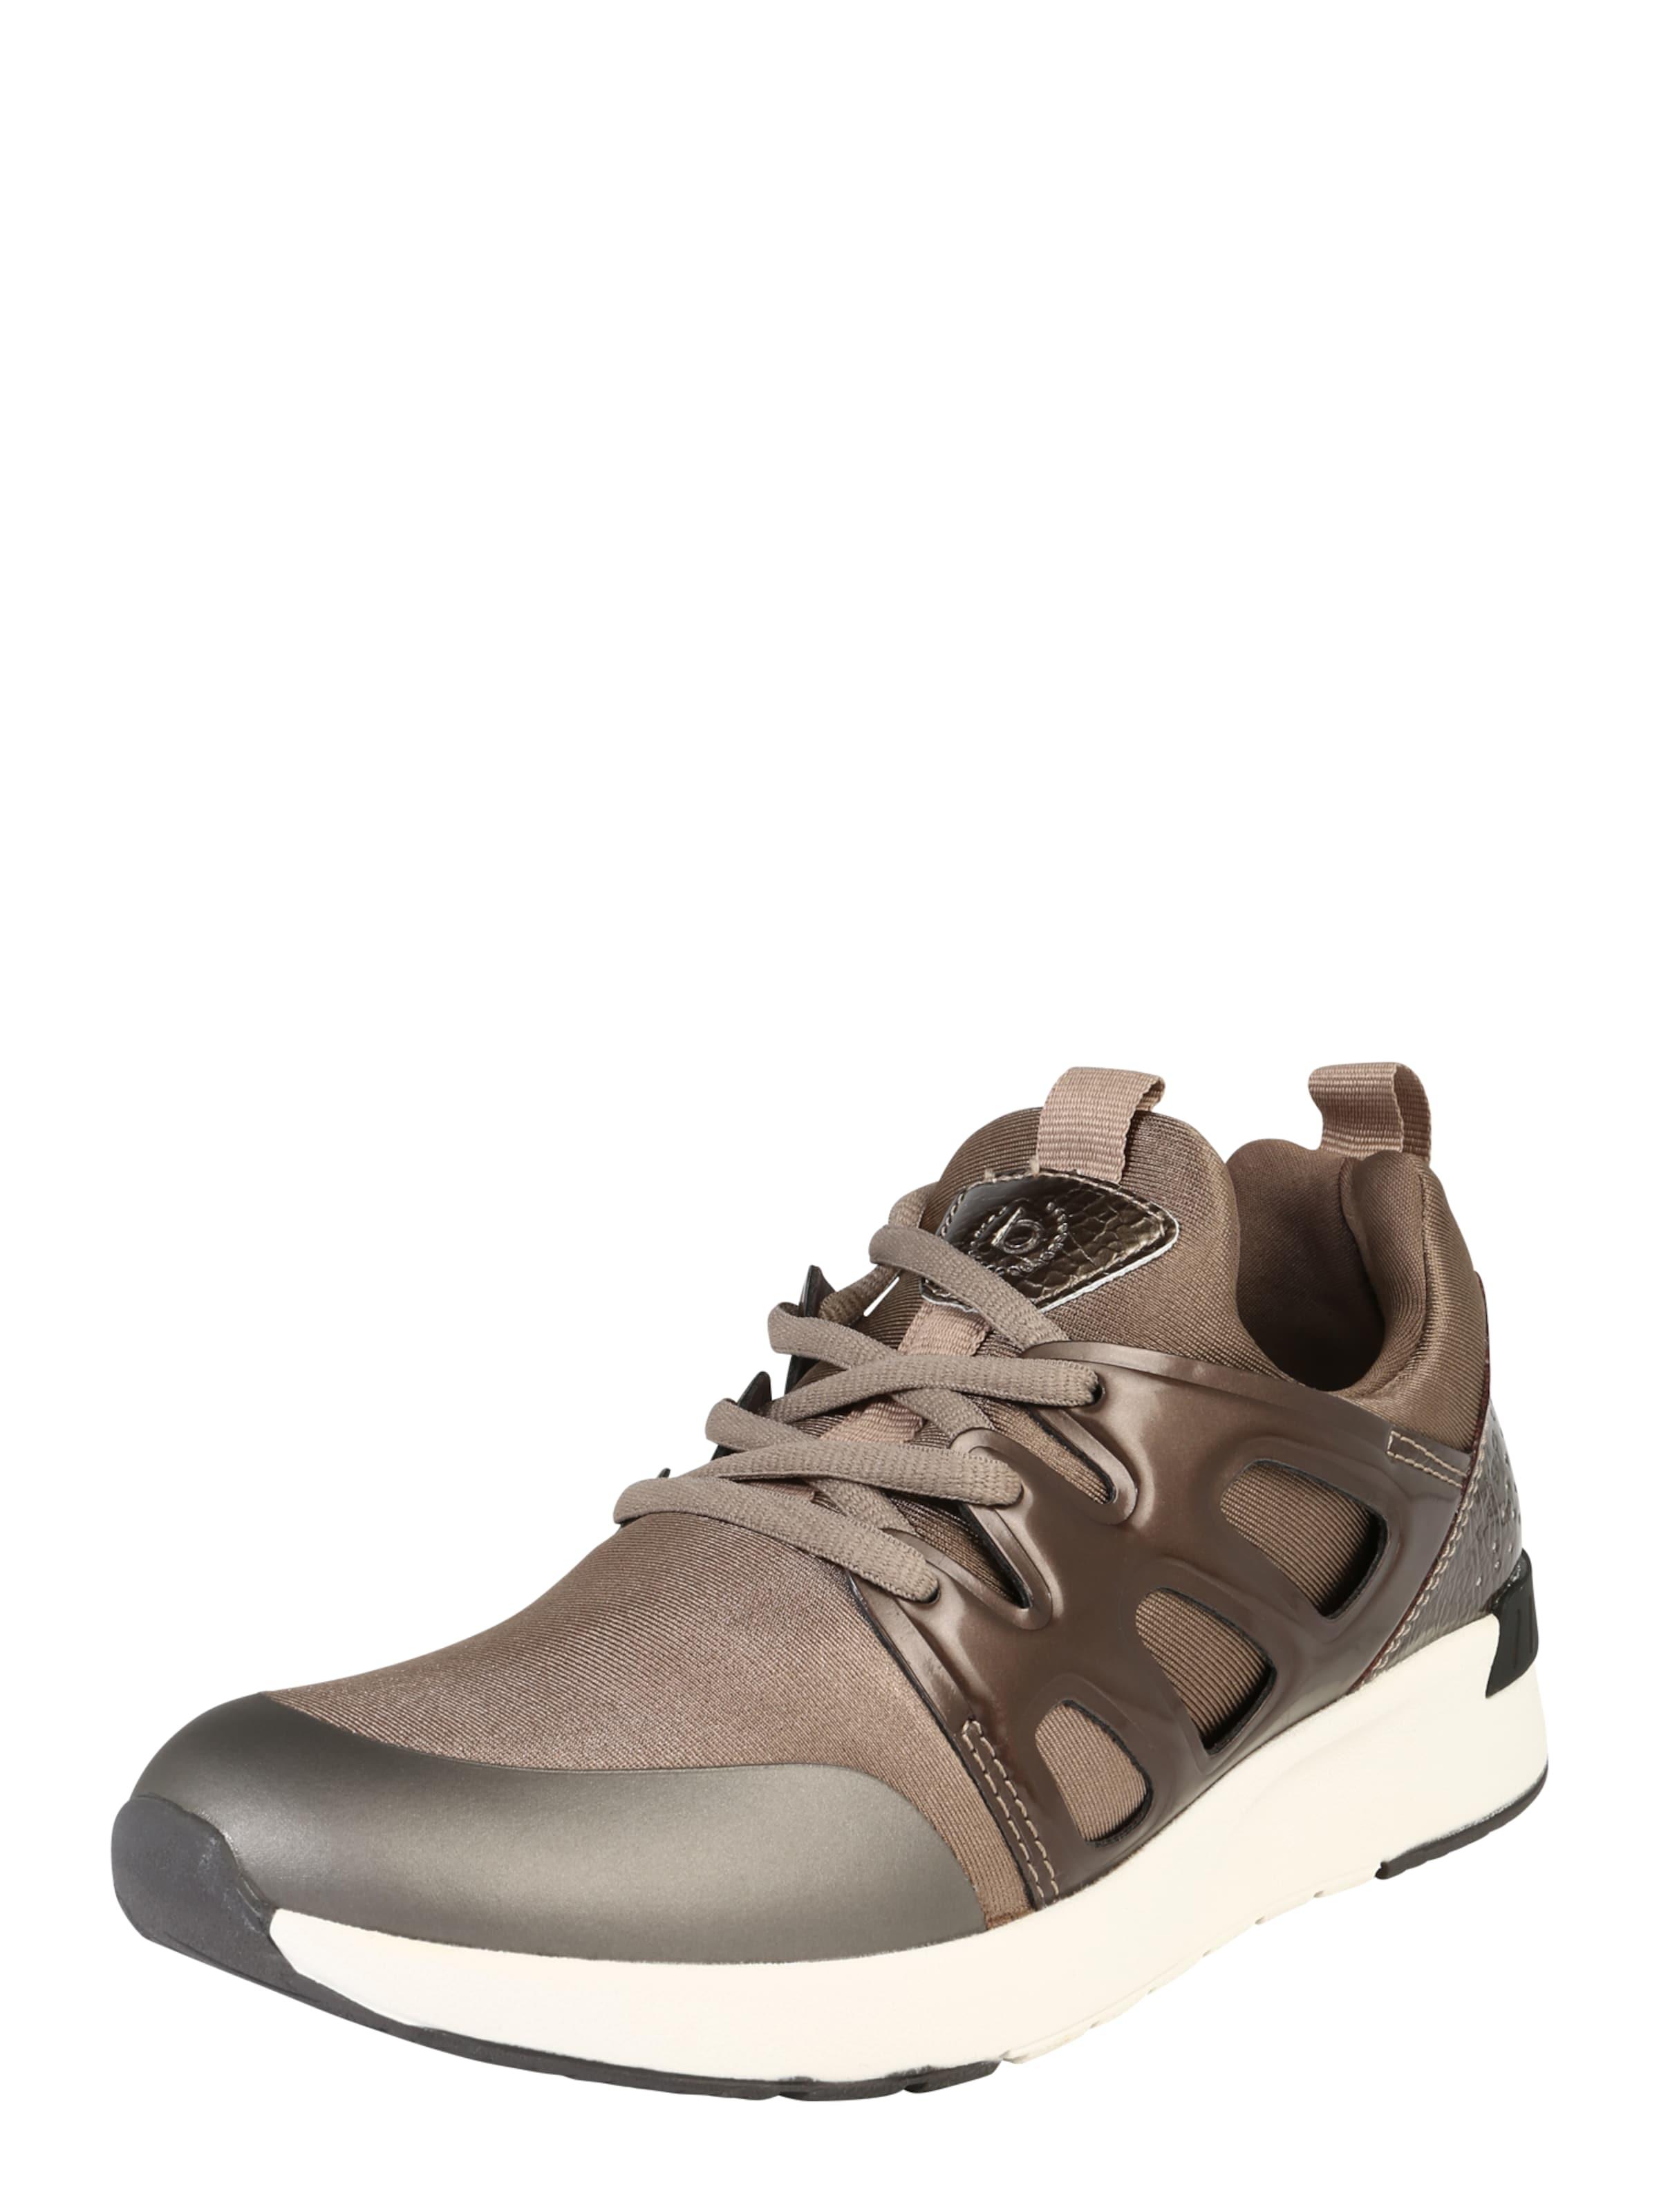 bugatti Sneaker mit dämpfender Laufsohle Hohe Qualität